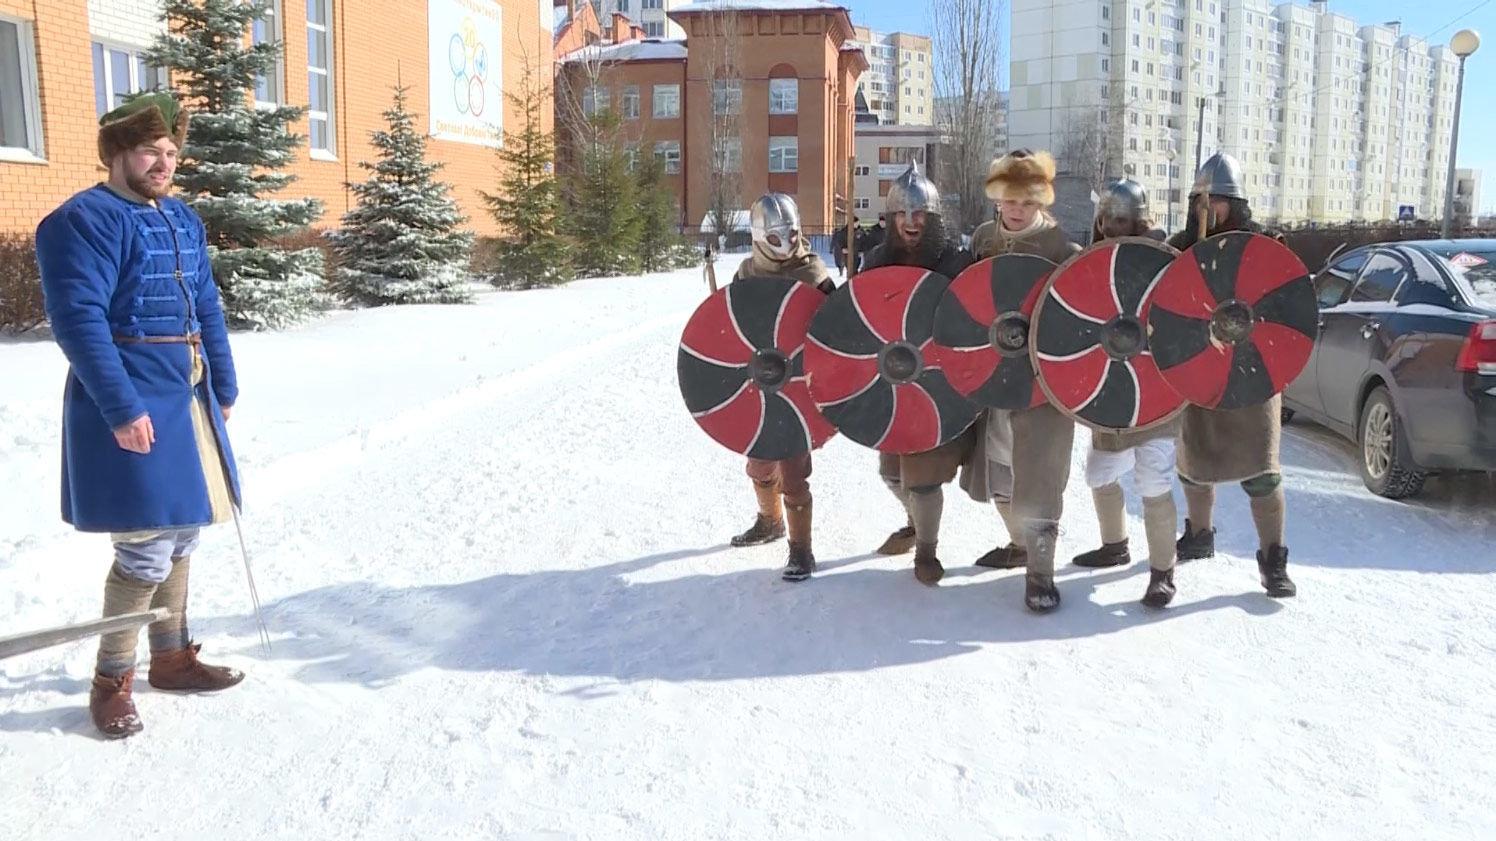 A Lipetsk, des frères jumeaux sont venus se prononcer en armures de guerriers russes